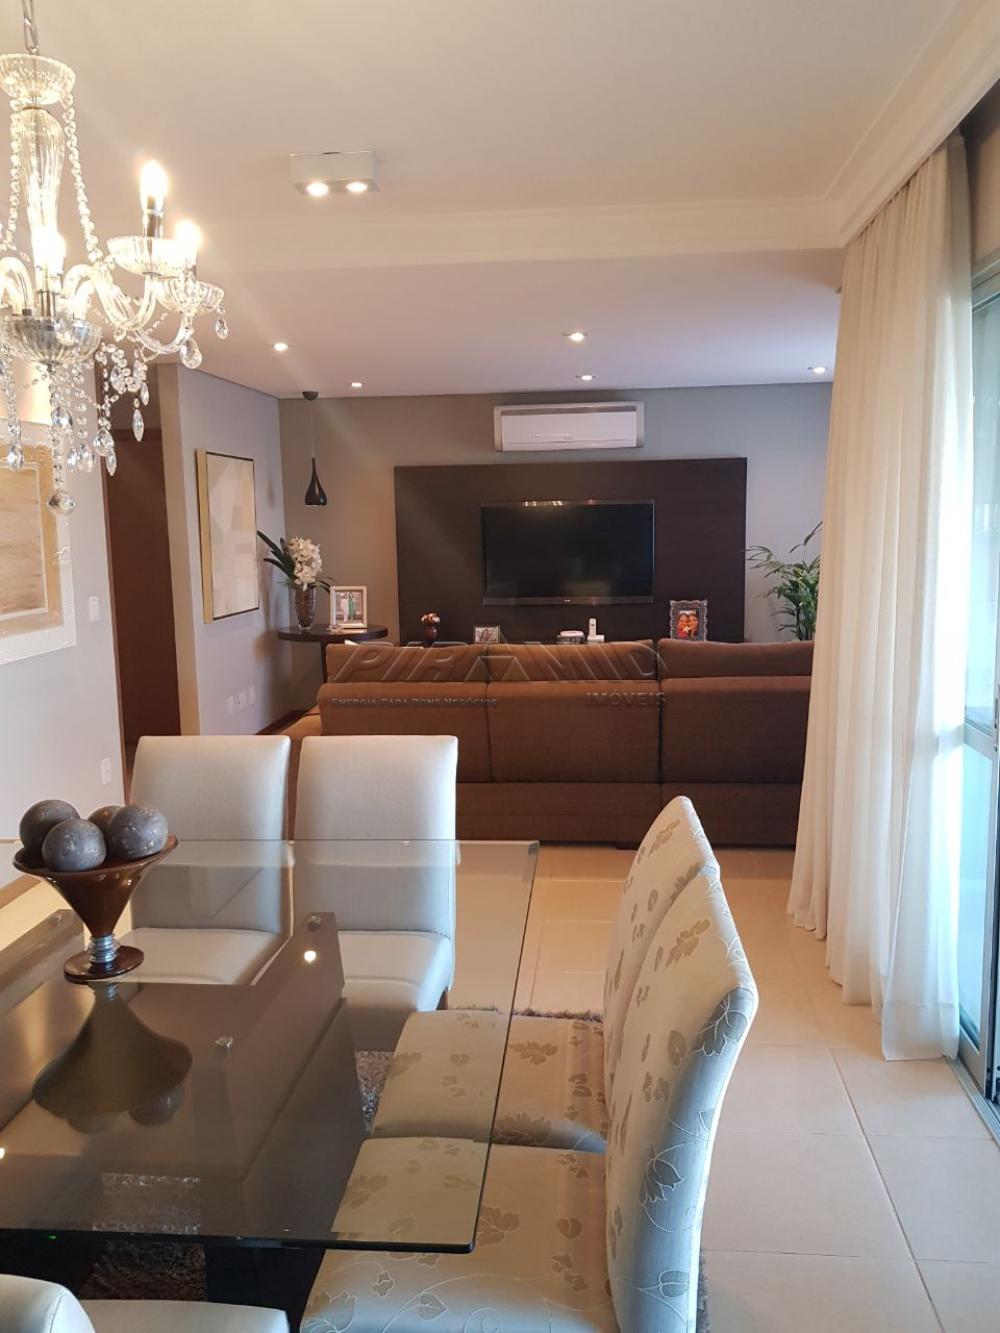 Ribeirao Preto Apartamento Venda R$1.300.000,00 Condominio R$950,00 3 Dormitorios 3 Suites Area construida 160.55m2